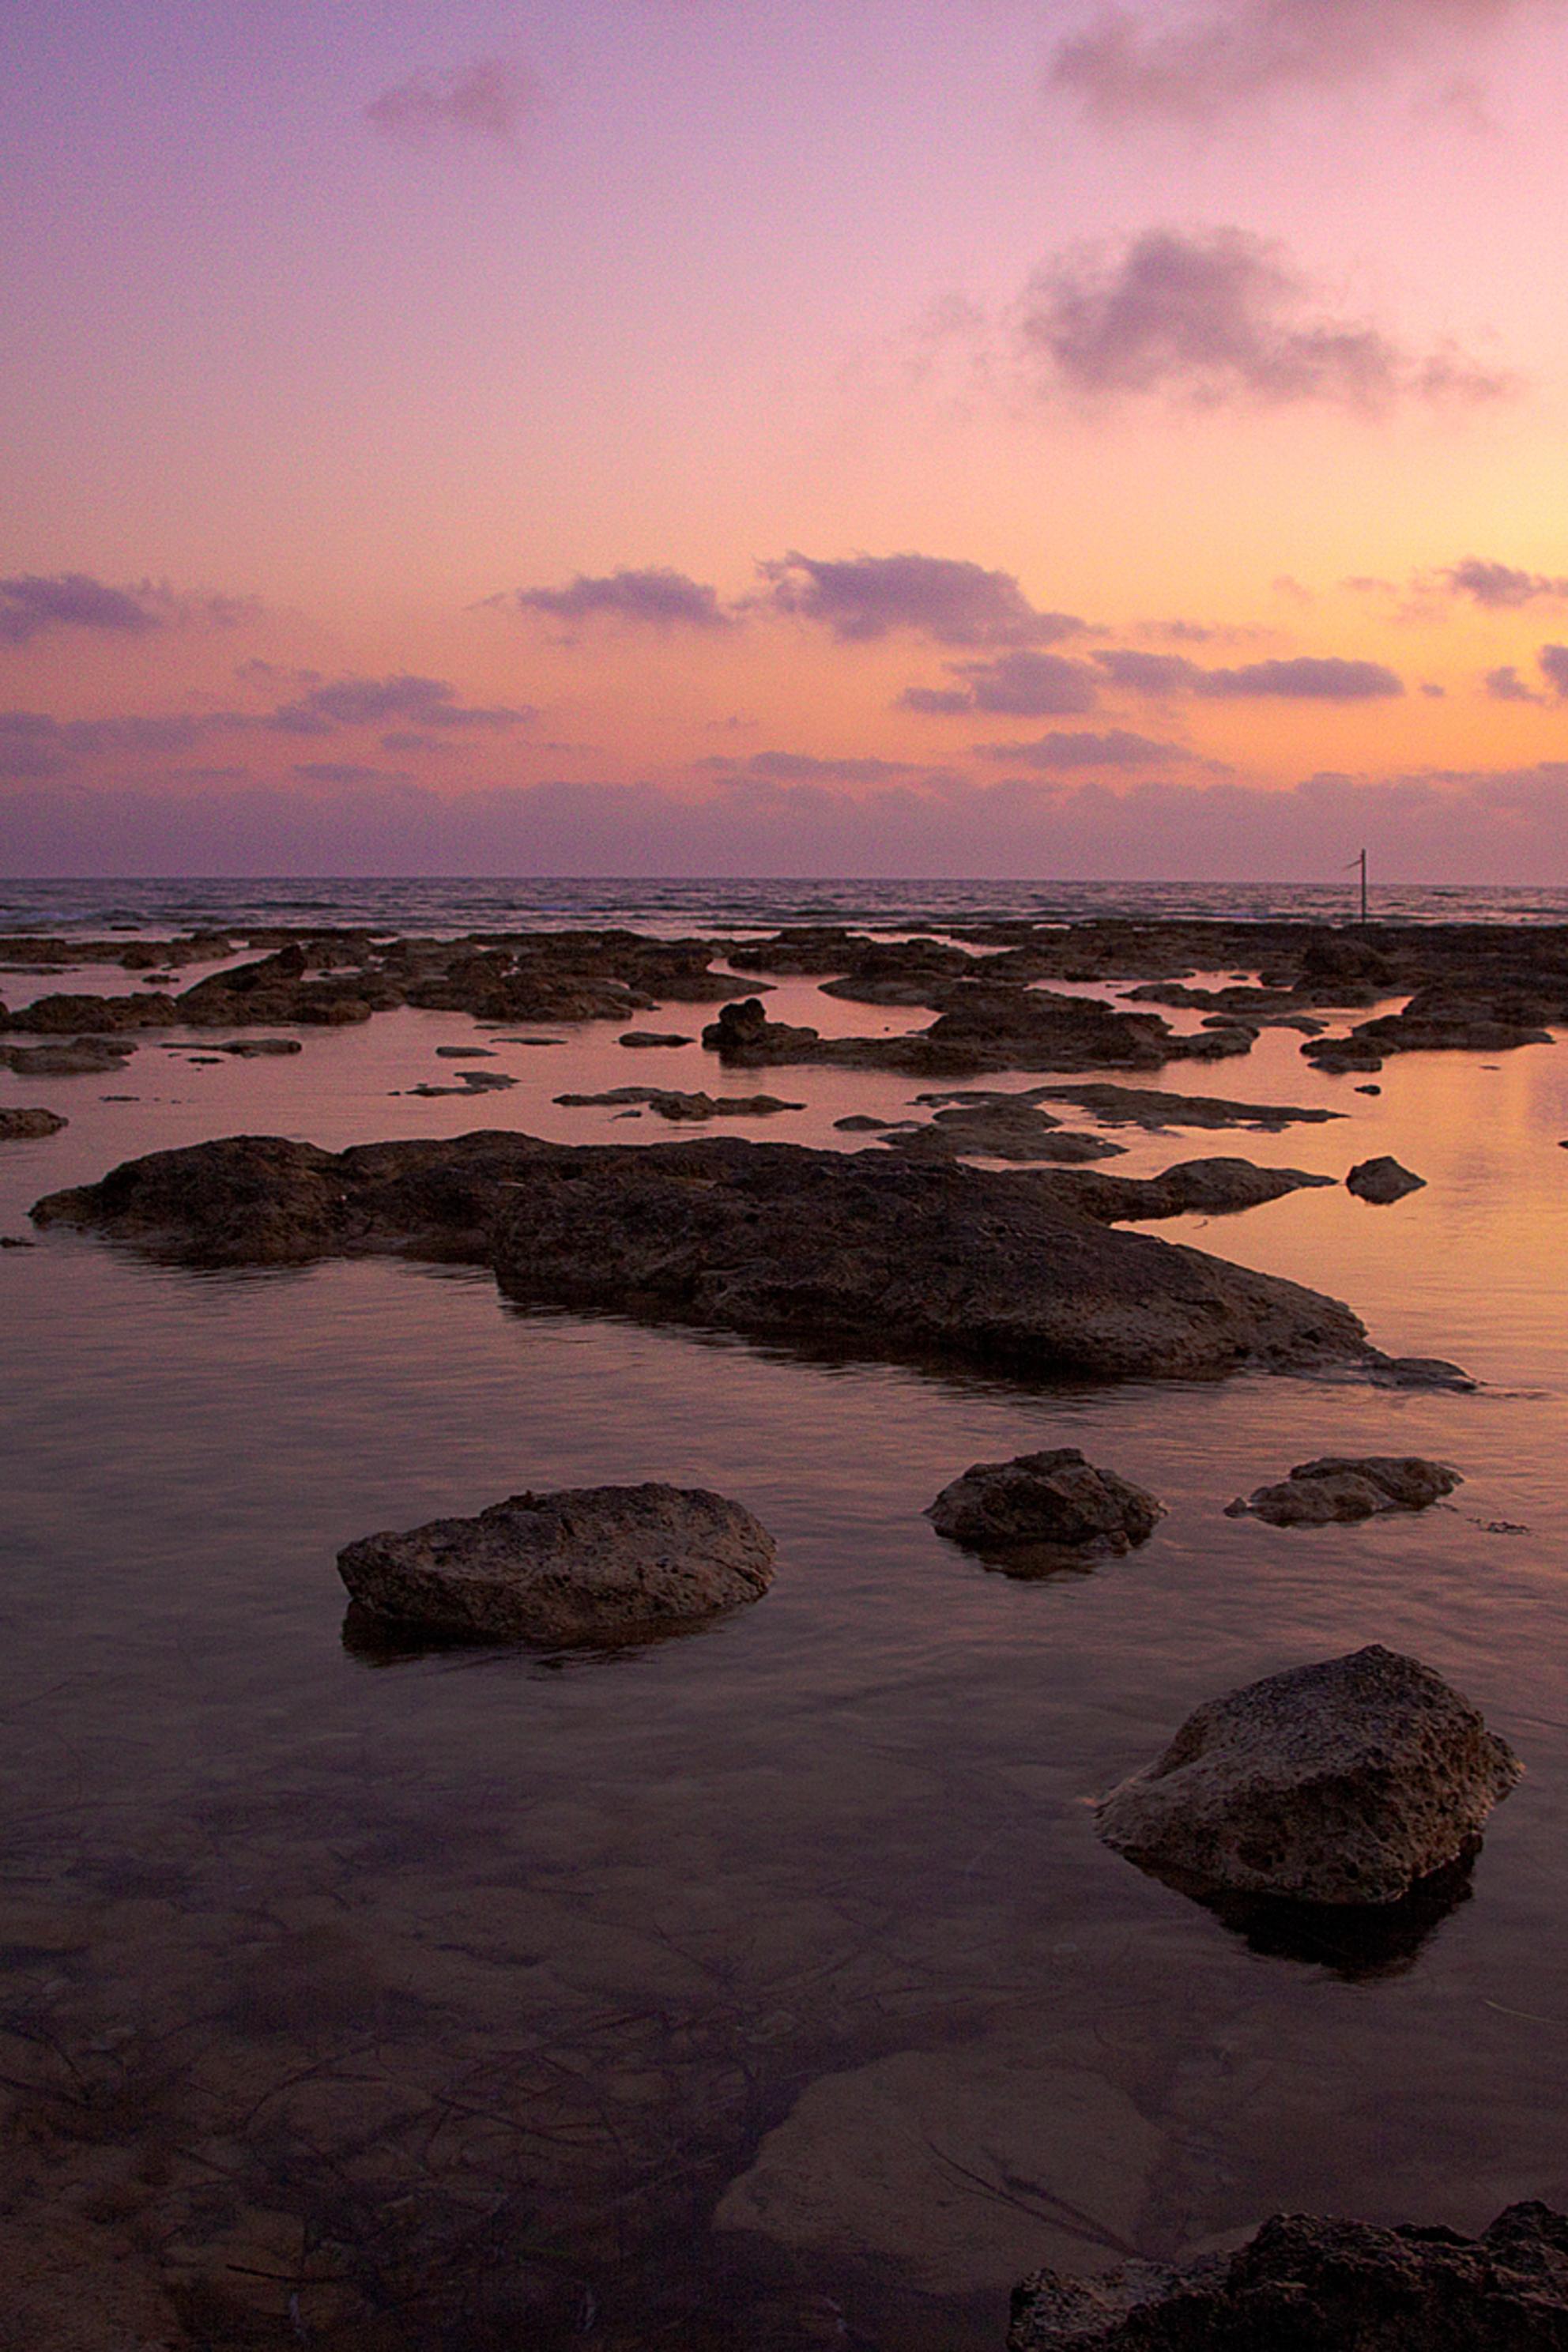 A Rocky Sunset - Een zonsondergang in Cyprus. Waardoor de rotsen mooi belicht werden door het laatste licht van de zon.  gr Christiaan - foto door Christiaan_zoom op 28-09-2011 - deze foto bevat: roze, lucht, wolken, zon, zee, natuur, licht, avond, vakantie, landschap, rotsen, ondergang, cyprus, christiaan - Deze foto mag gebruikt worden in een Zoom.nl publicatie